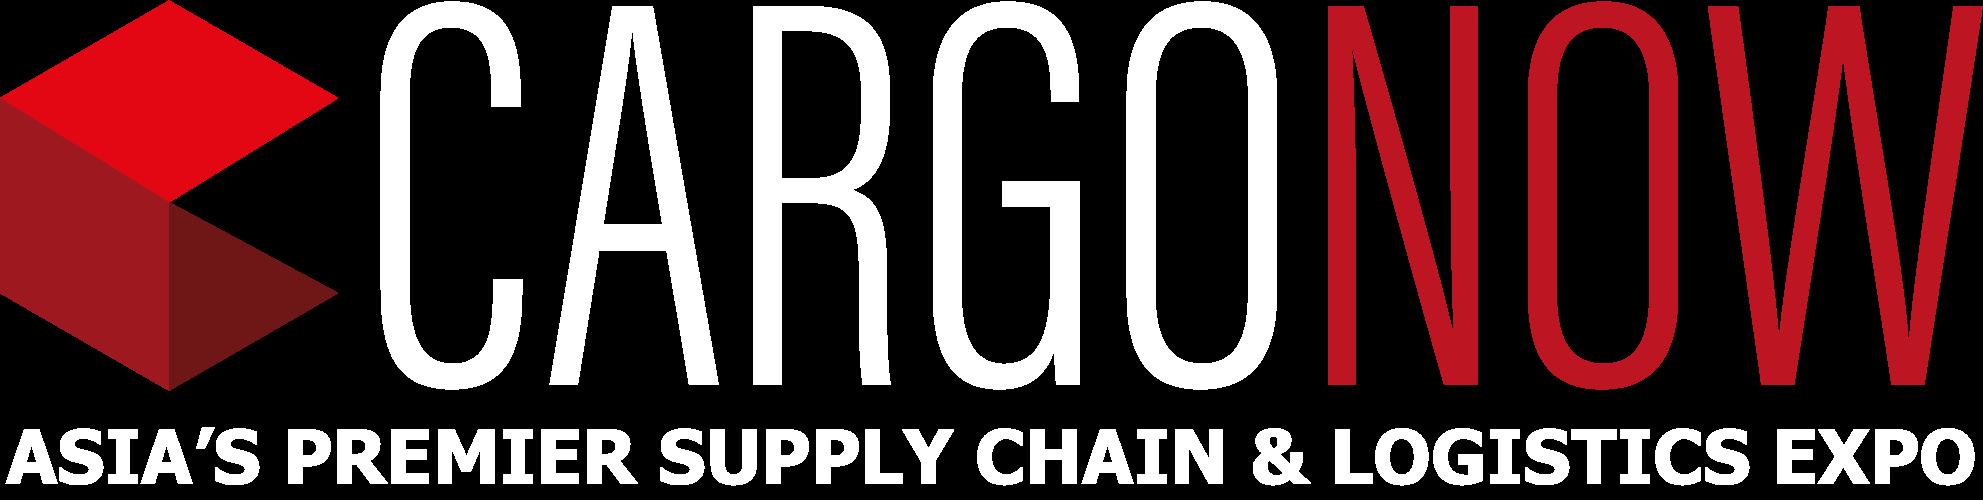 CargoNow 2020